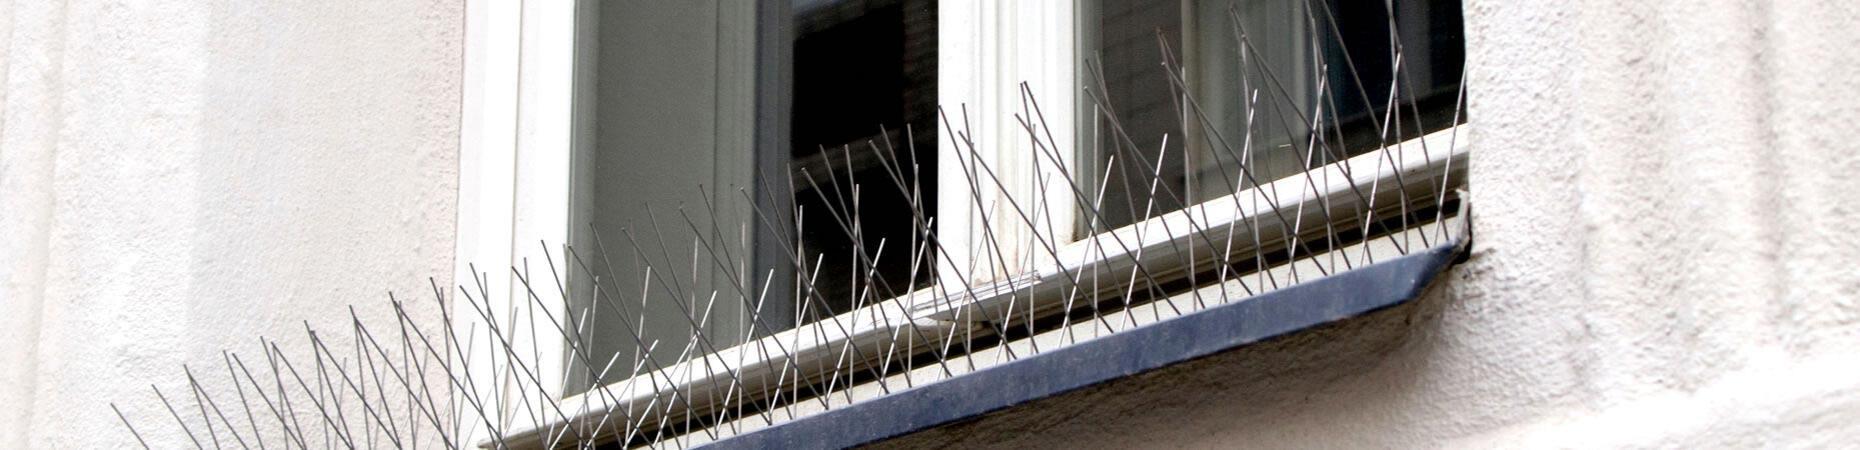 ecoservice-reggioemilia it allontanamento-piccioni-reggio-emilia 005